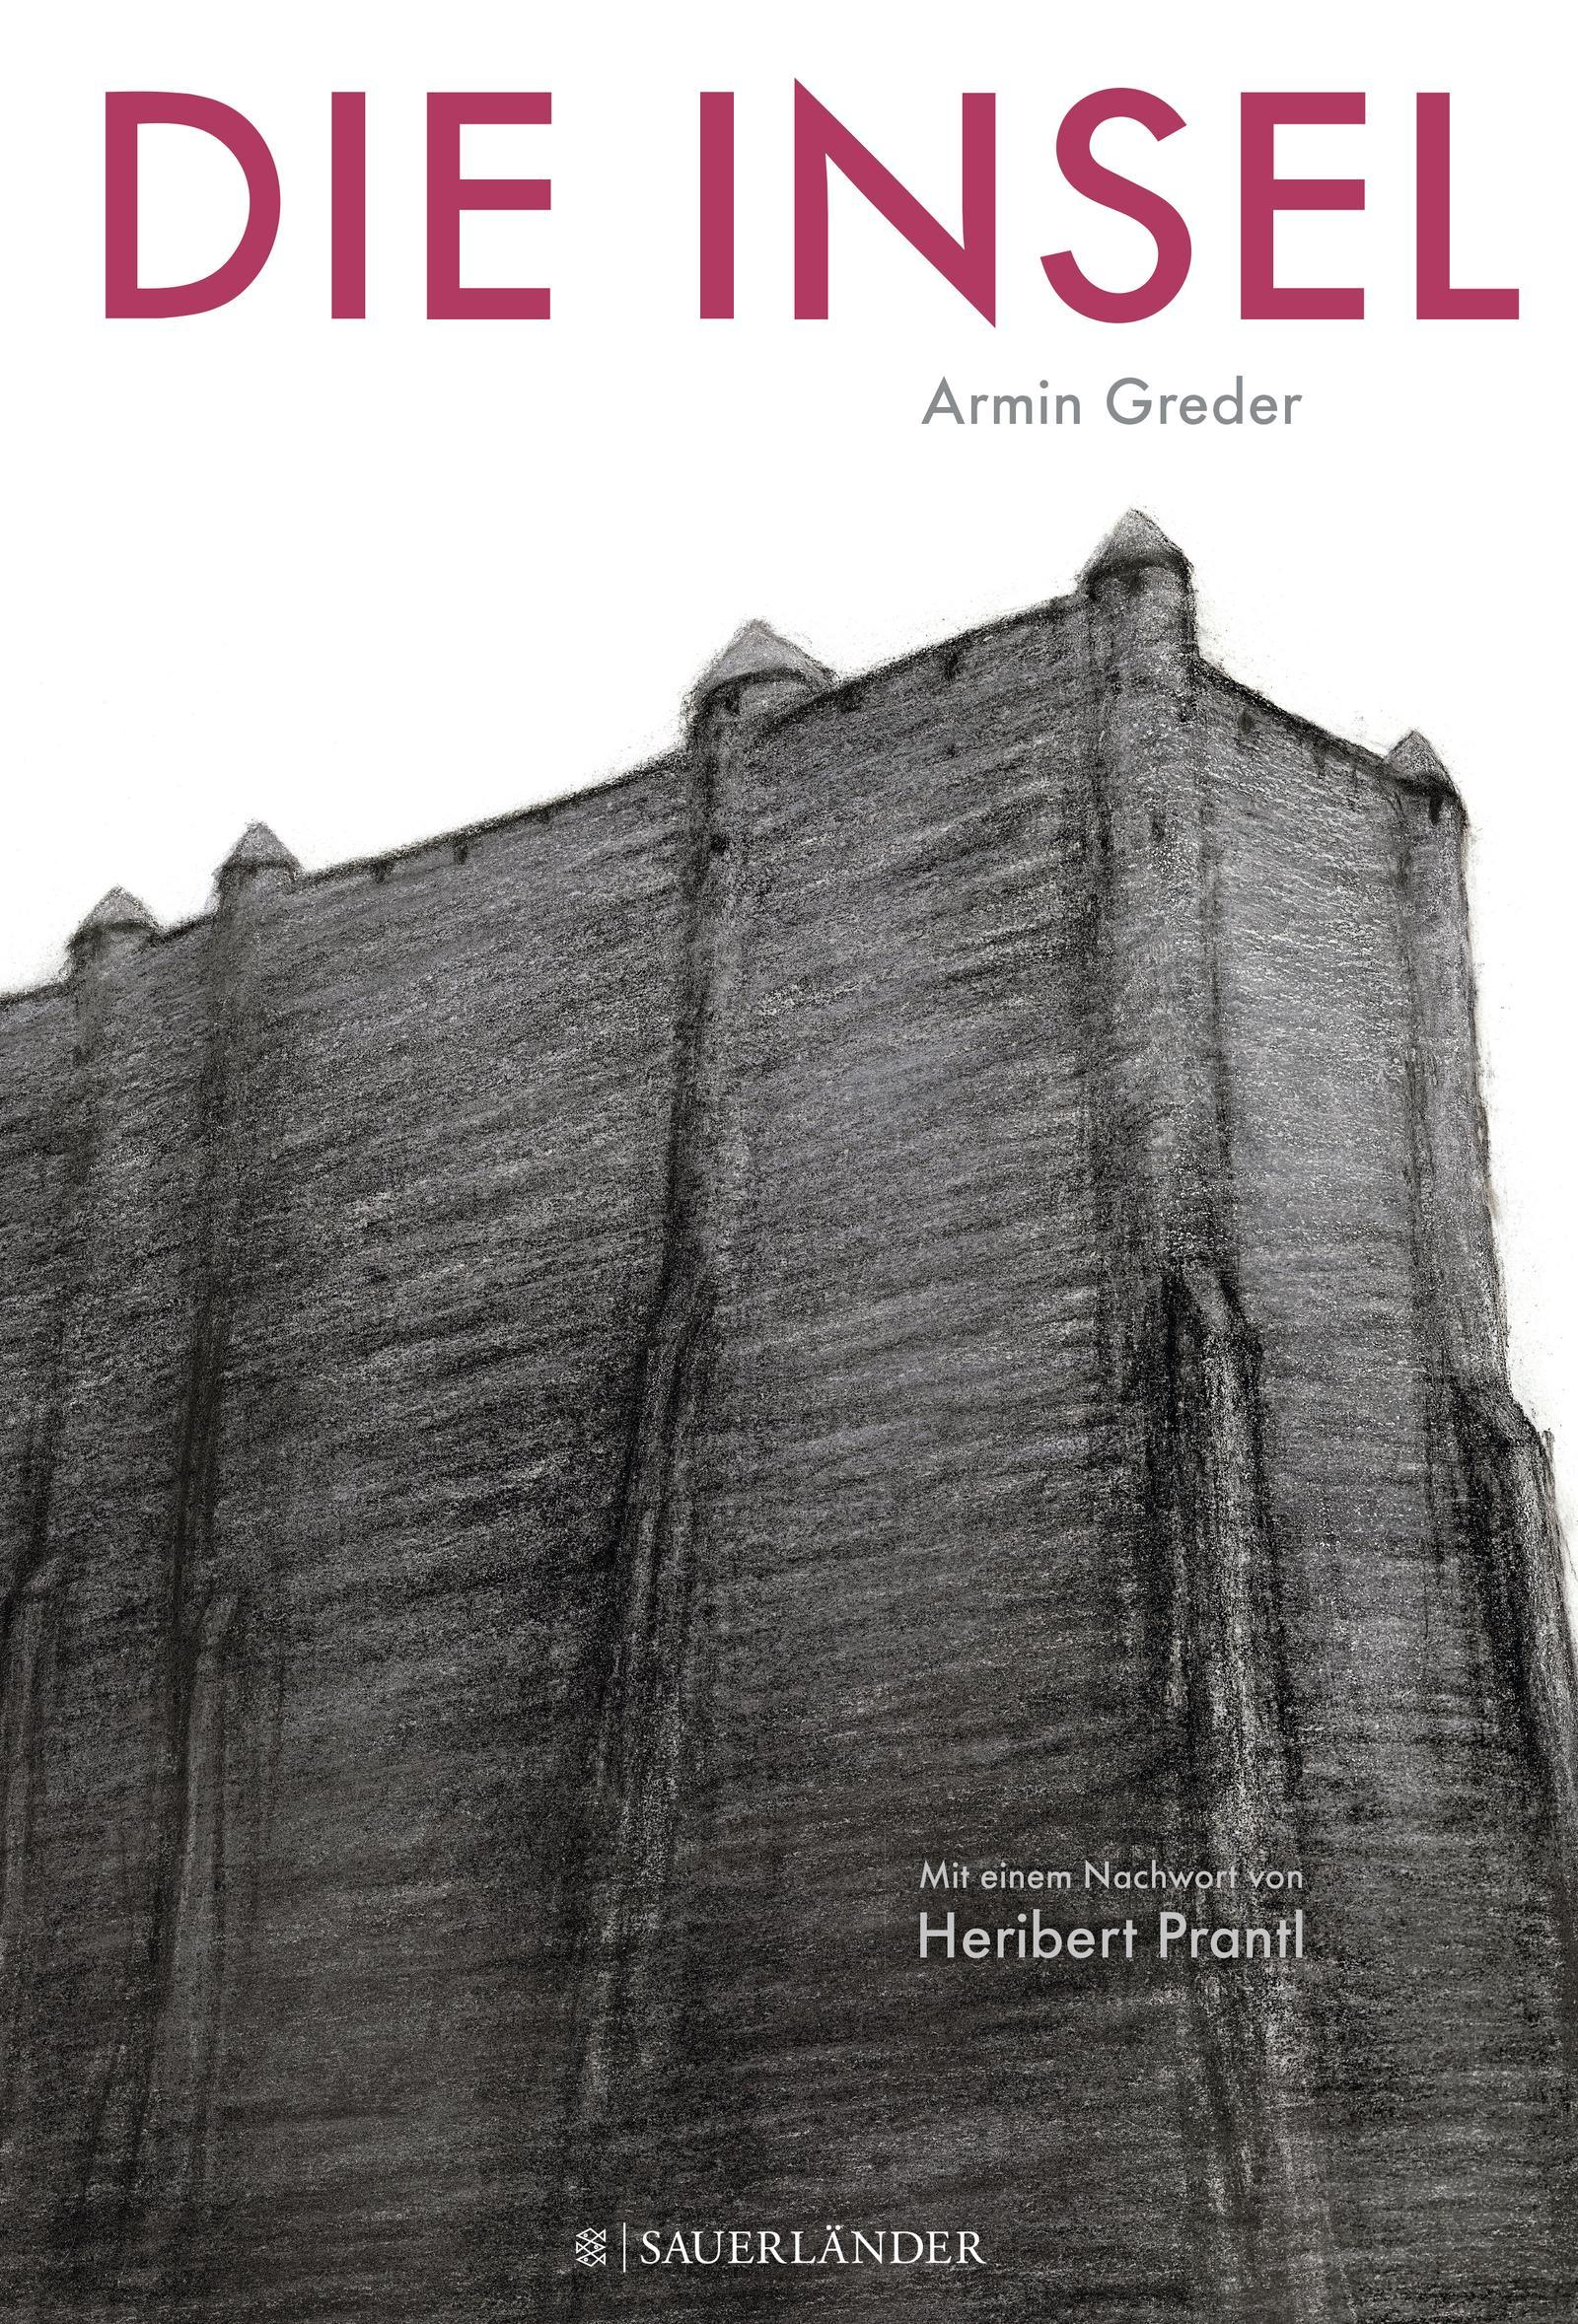 Die Insel Armin Greder